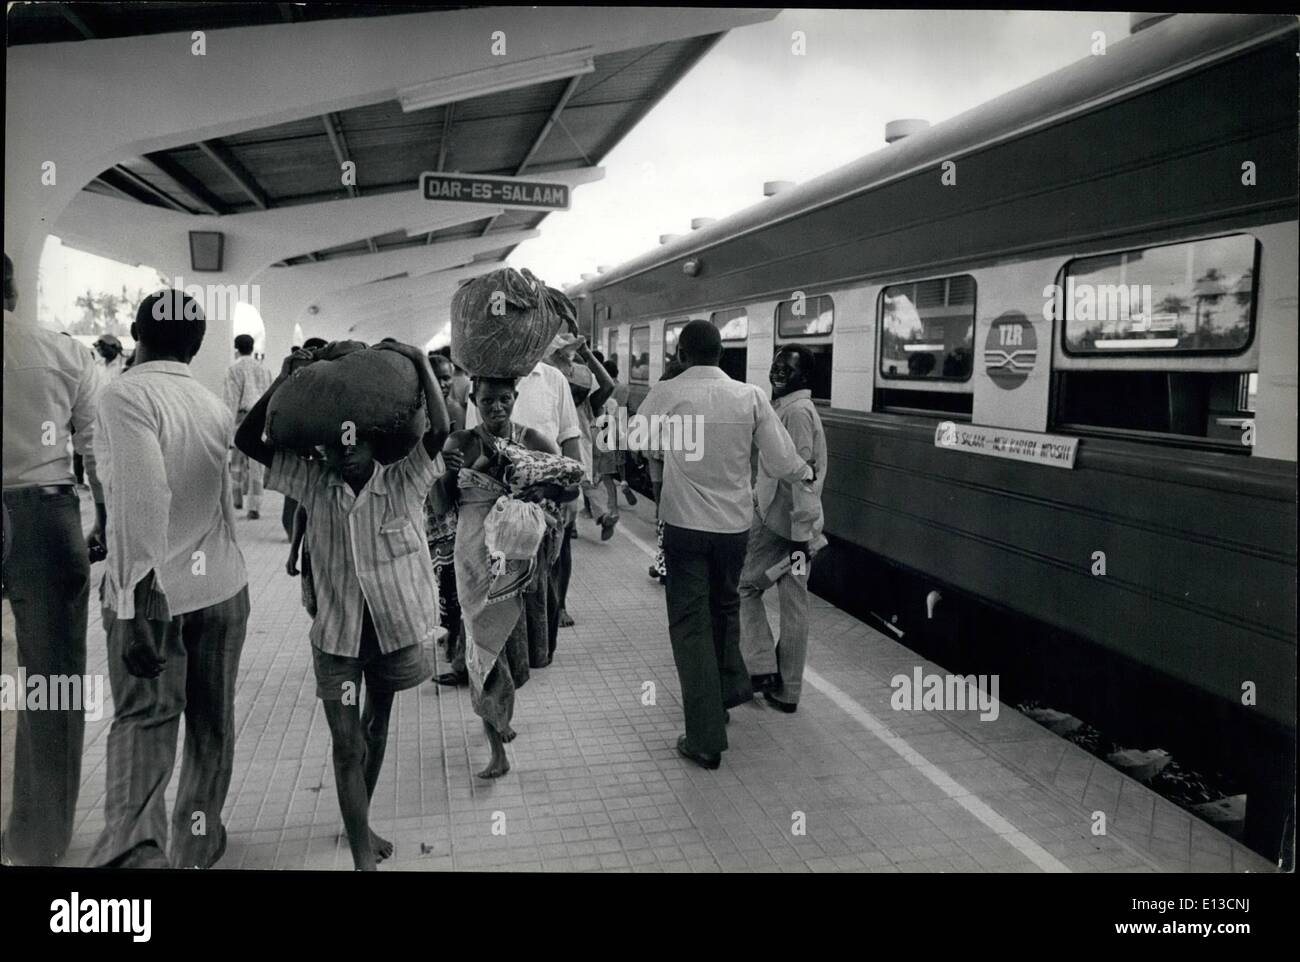 Mar 02, 2012 - Daressalaam, Tanzania: La storia è stata fatta... come i passeggeri arrivino in Daressalaam sul primo treno per viaggiare da Zambia in Tanzania sul nuovo Tanzam ''Uhuru Railway'' costruito dai Cinesi. La linea ferroviaria è quasi 1200 miglia lungo e costi per oltre 00 milioni di euro per costruire. Immagini Stock